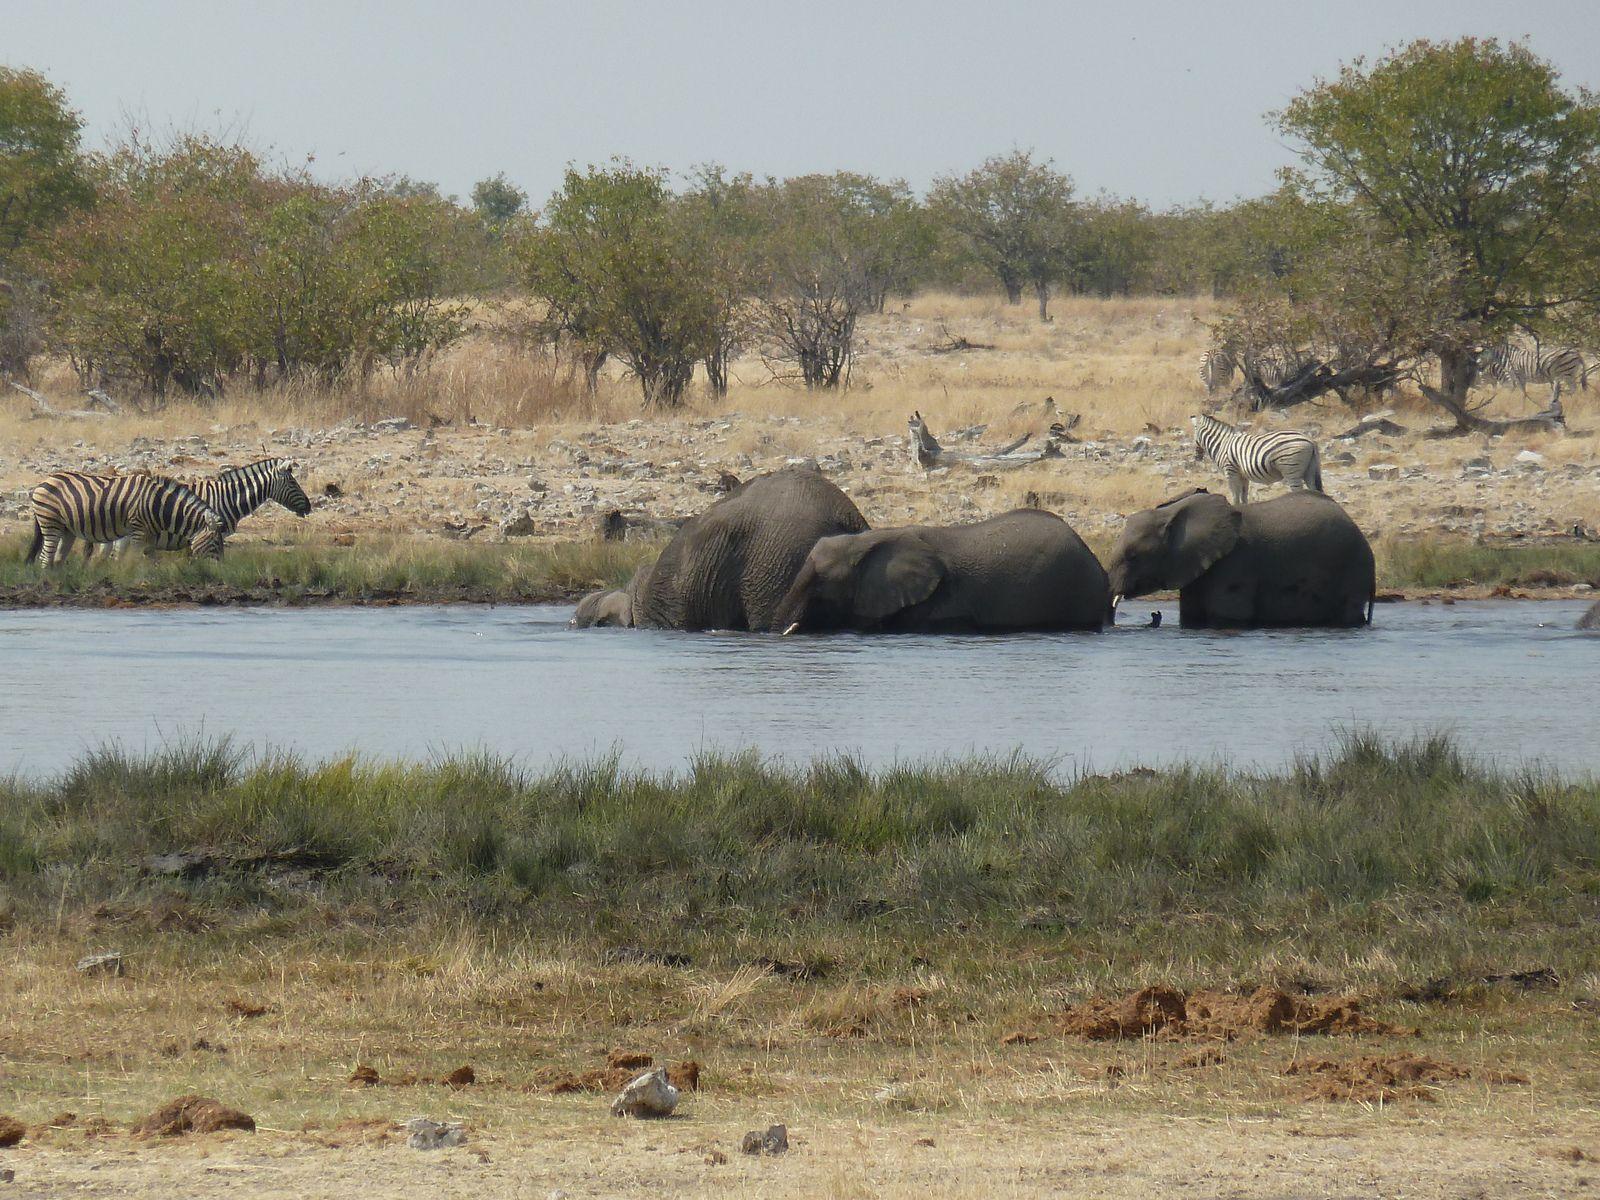 J24 – Dimanche 5 août 2012 – Halali – Le jour des lions …